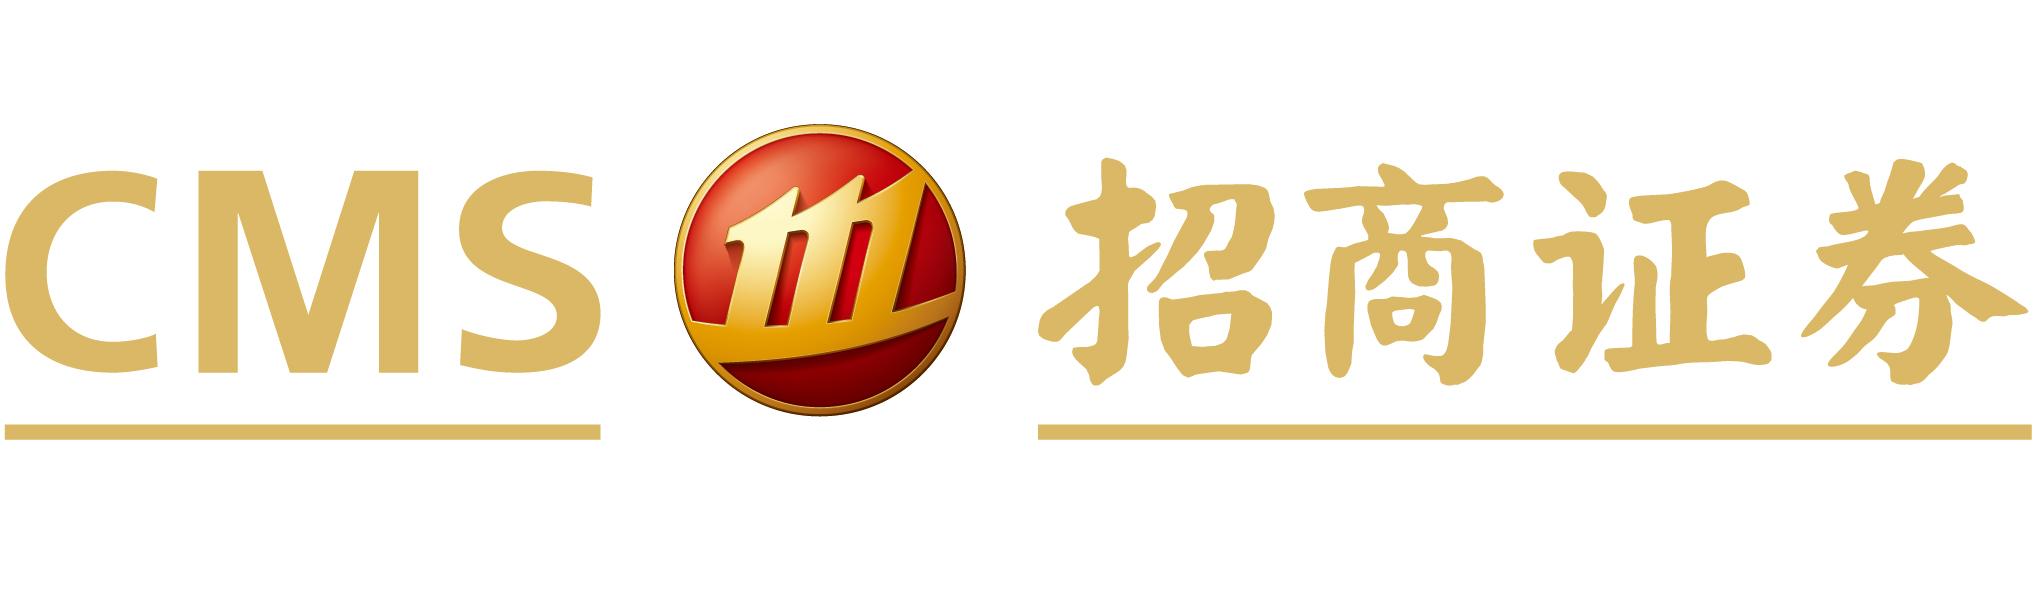 招商证券股份有限公司深圳深南大道车公庙证券营业部最新招聘信息